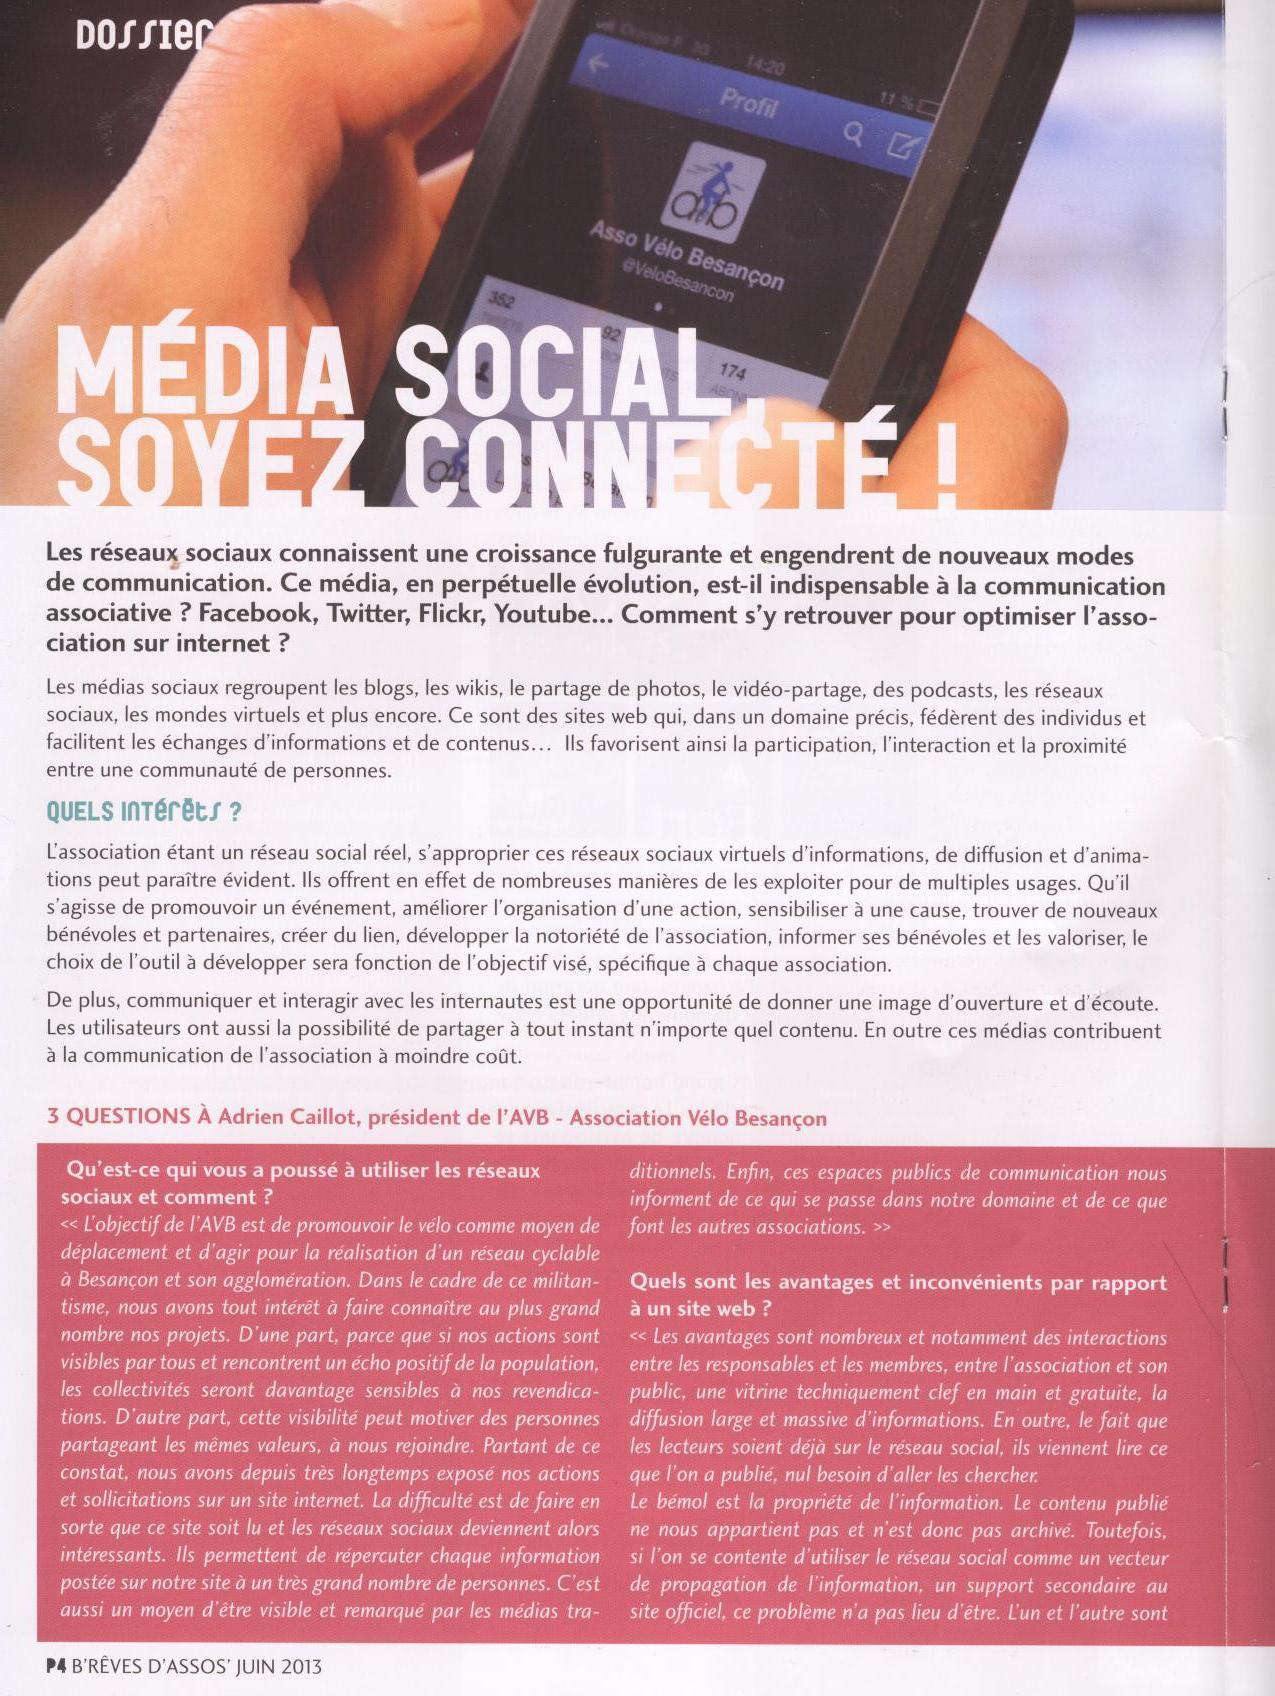 2013-06-Brêves-d-assos-reseaux-sociaux-01